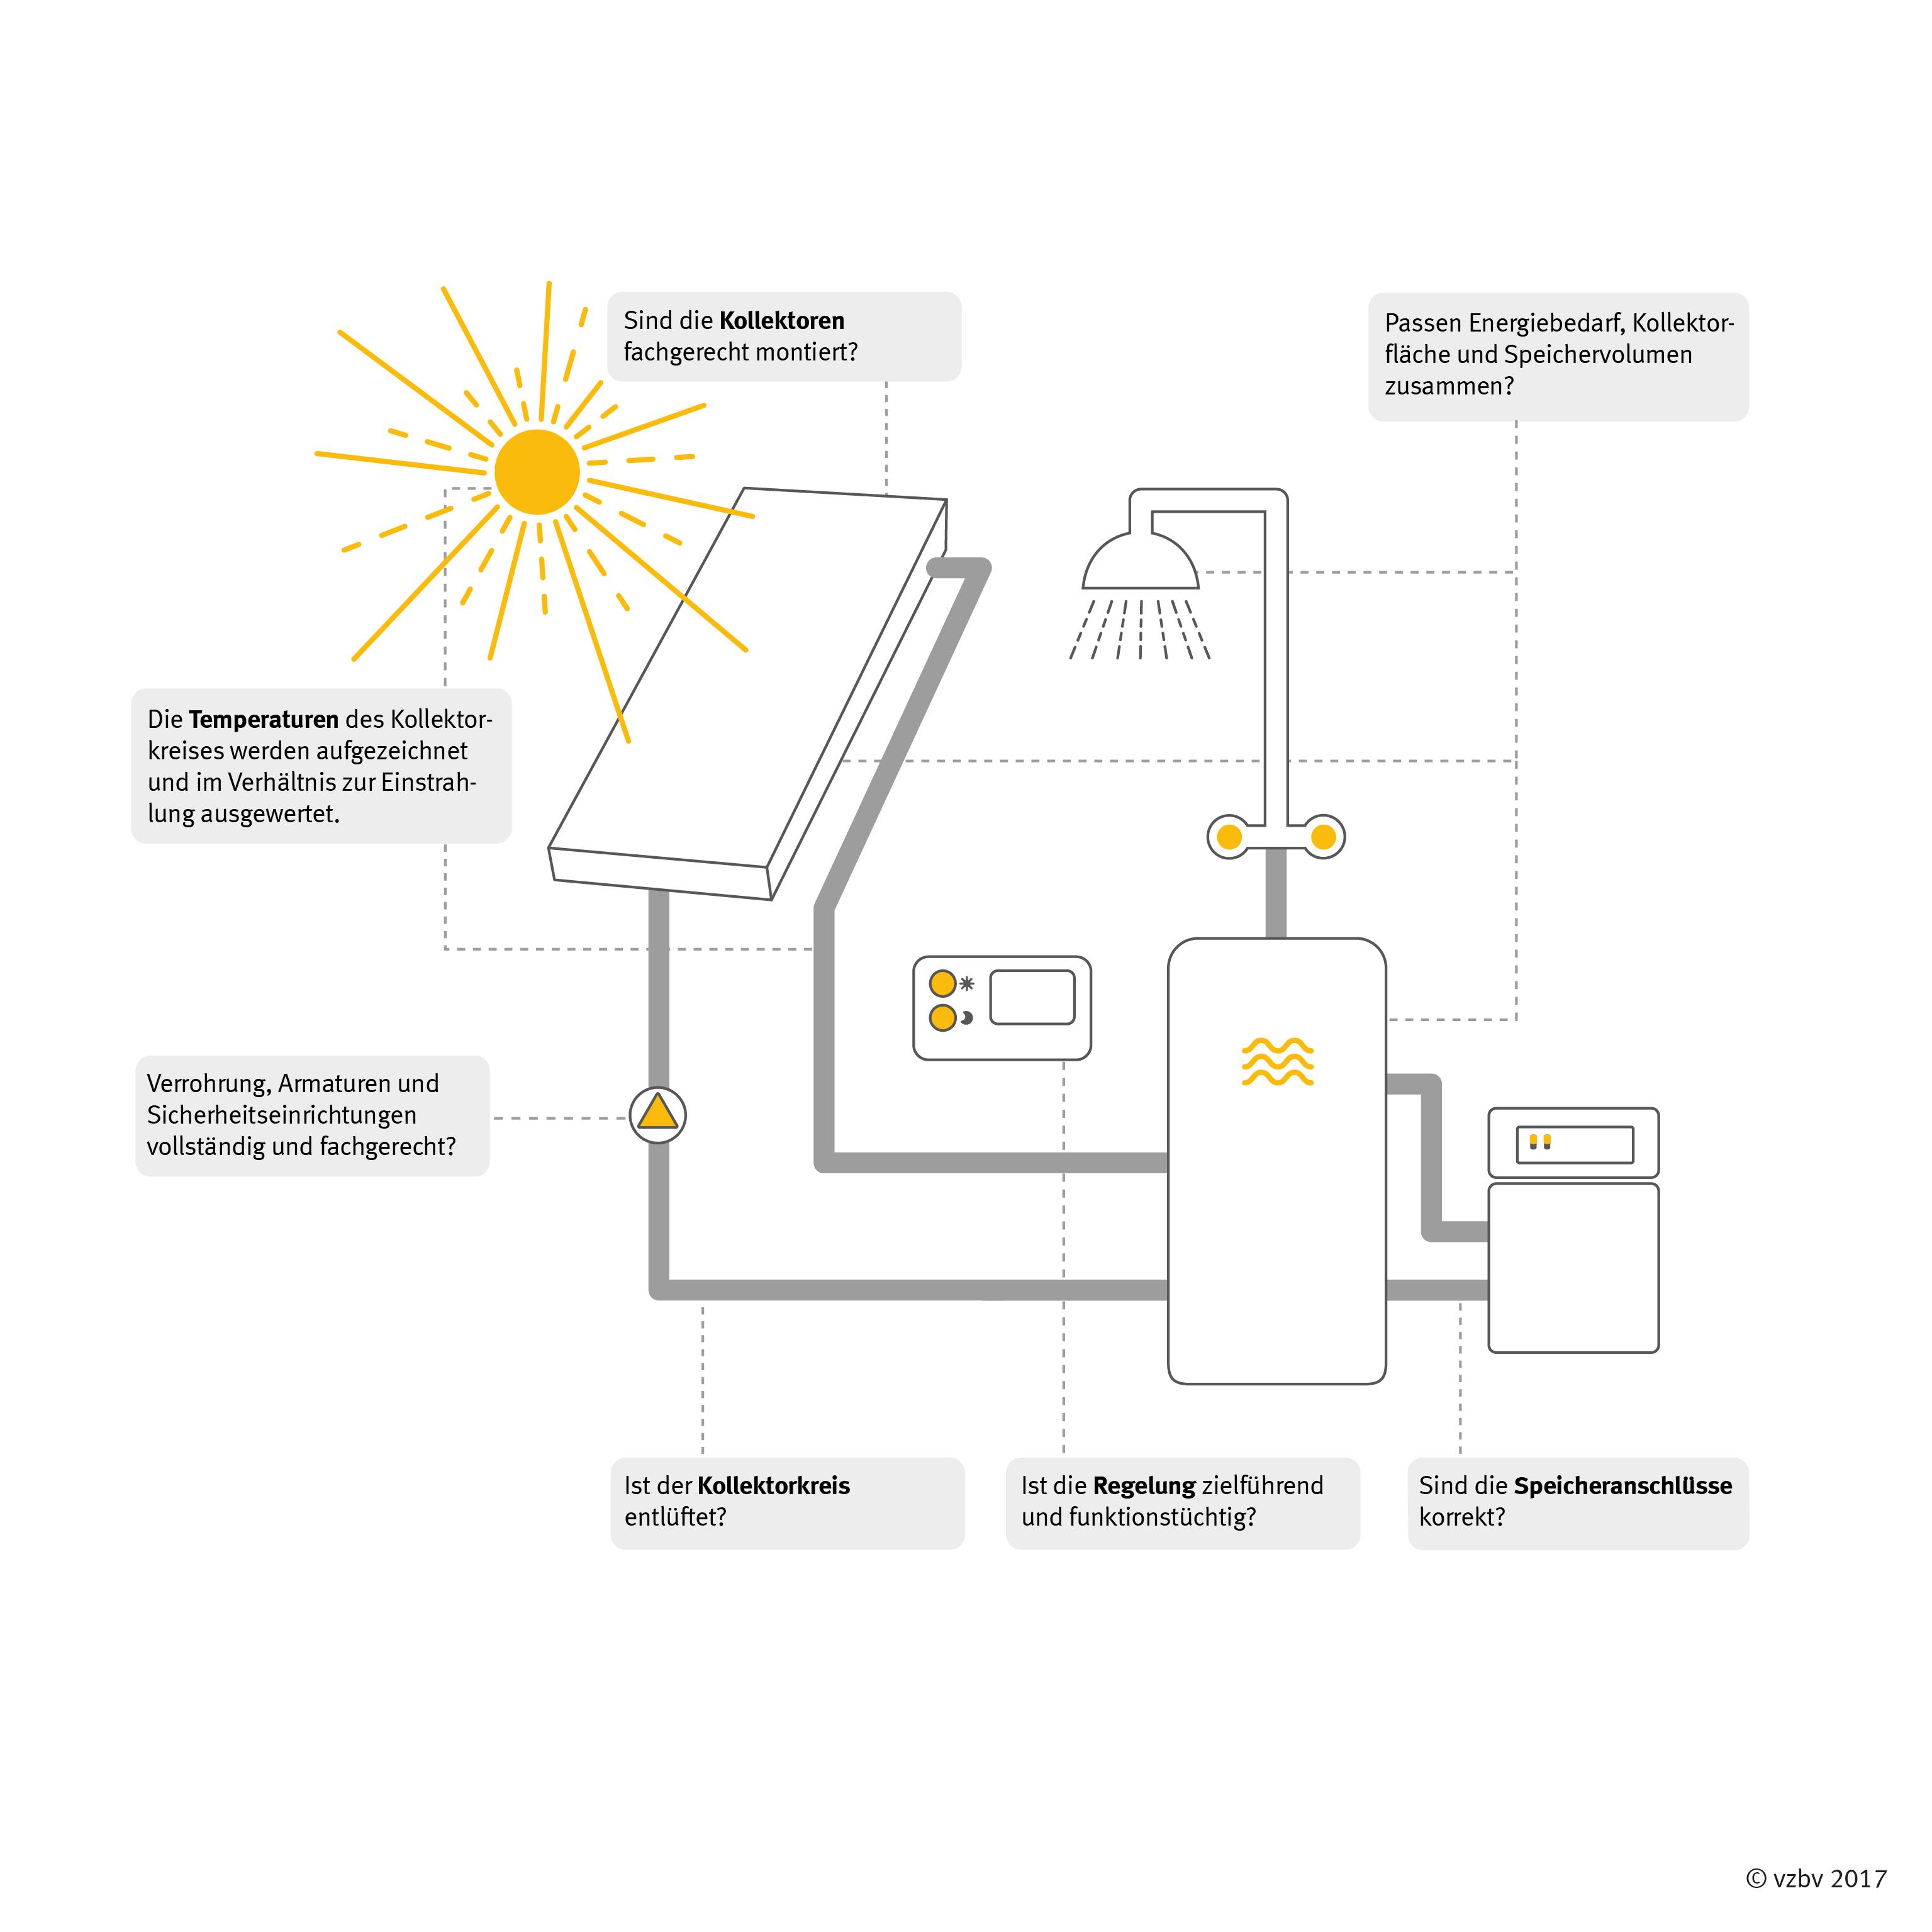 Grafik: VZ Bayern | freie Verwendung für redaktionelle Zwecke.